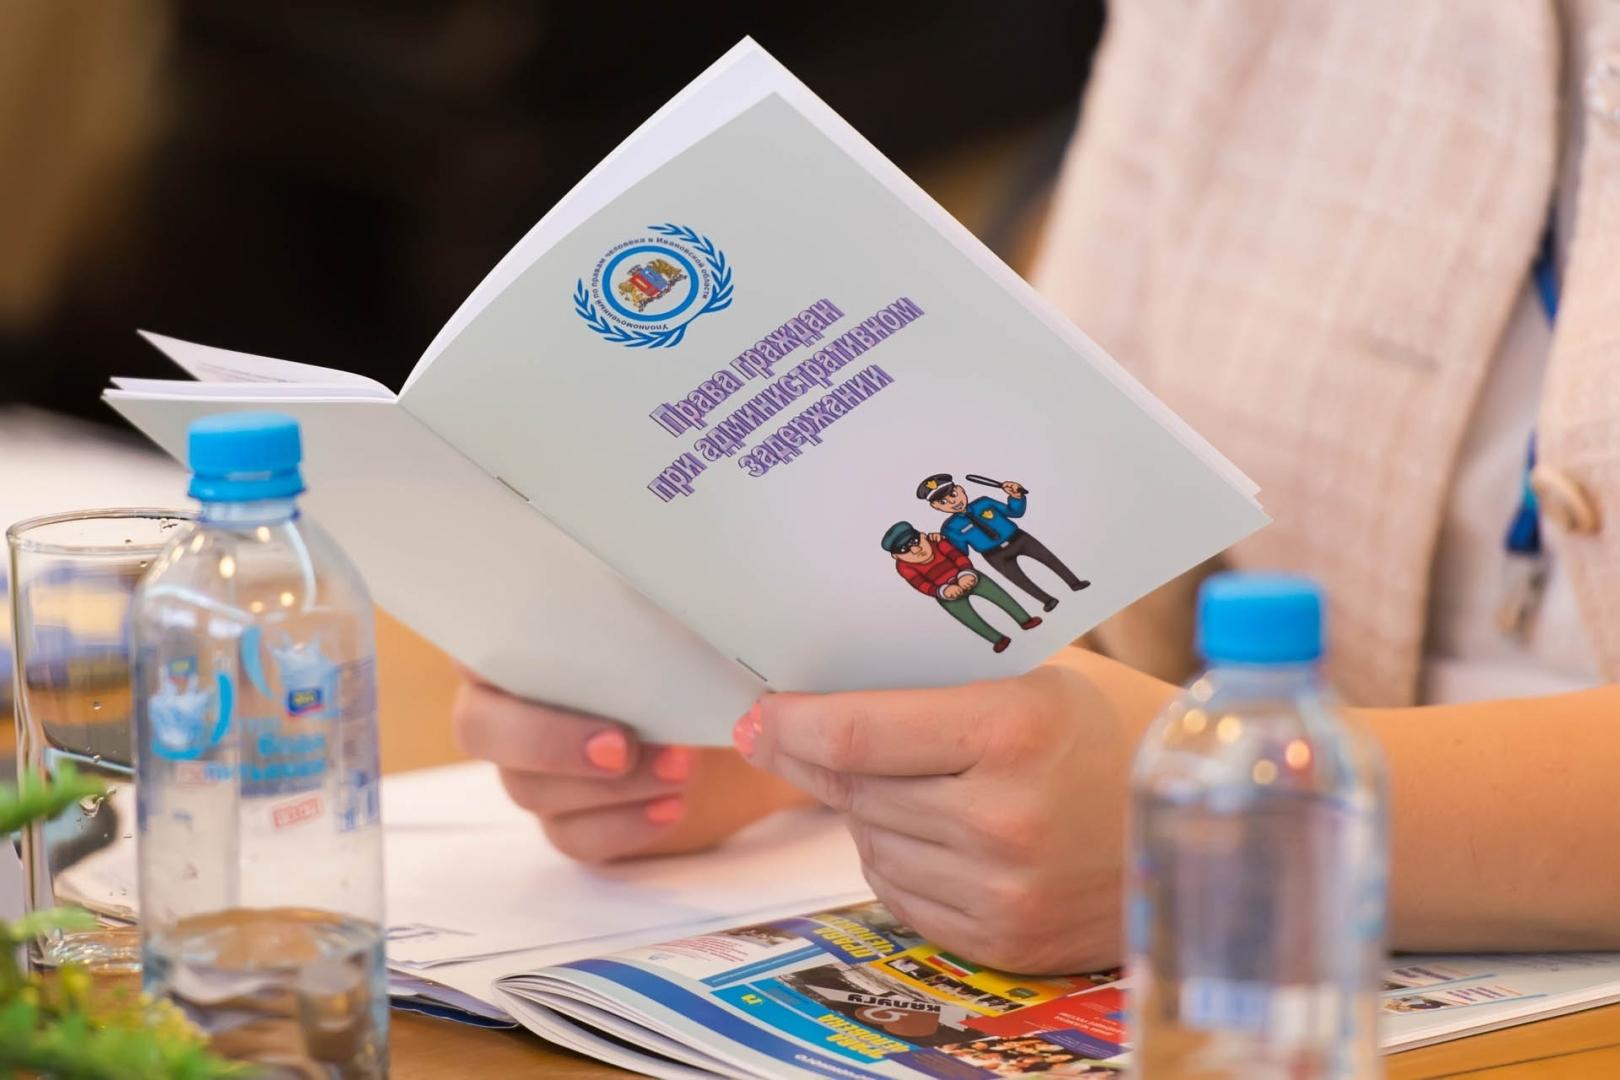 В Калуге российские омбудсмены обсудили вопросы защиты прав человека